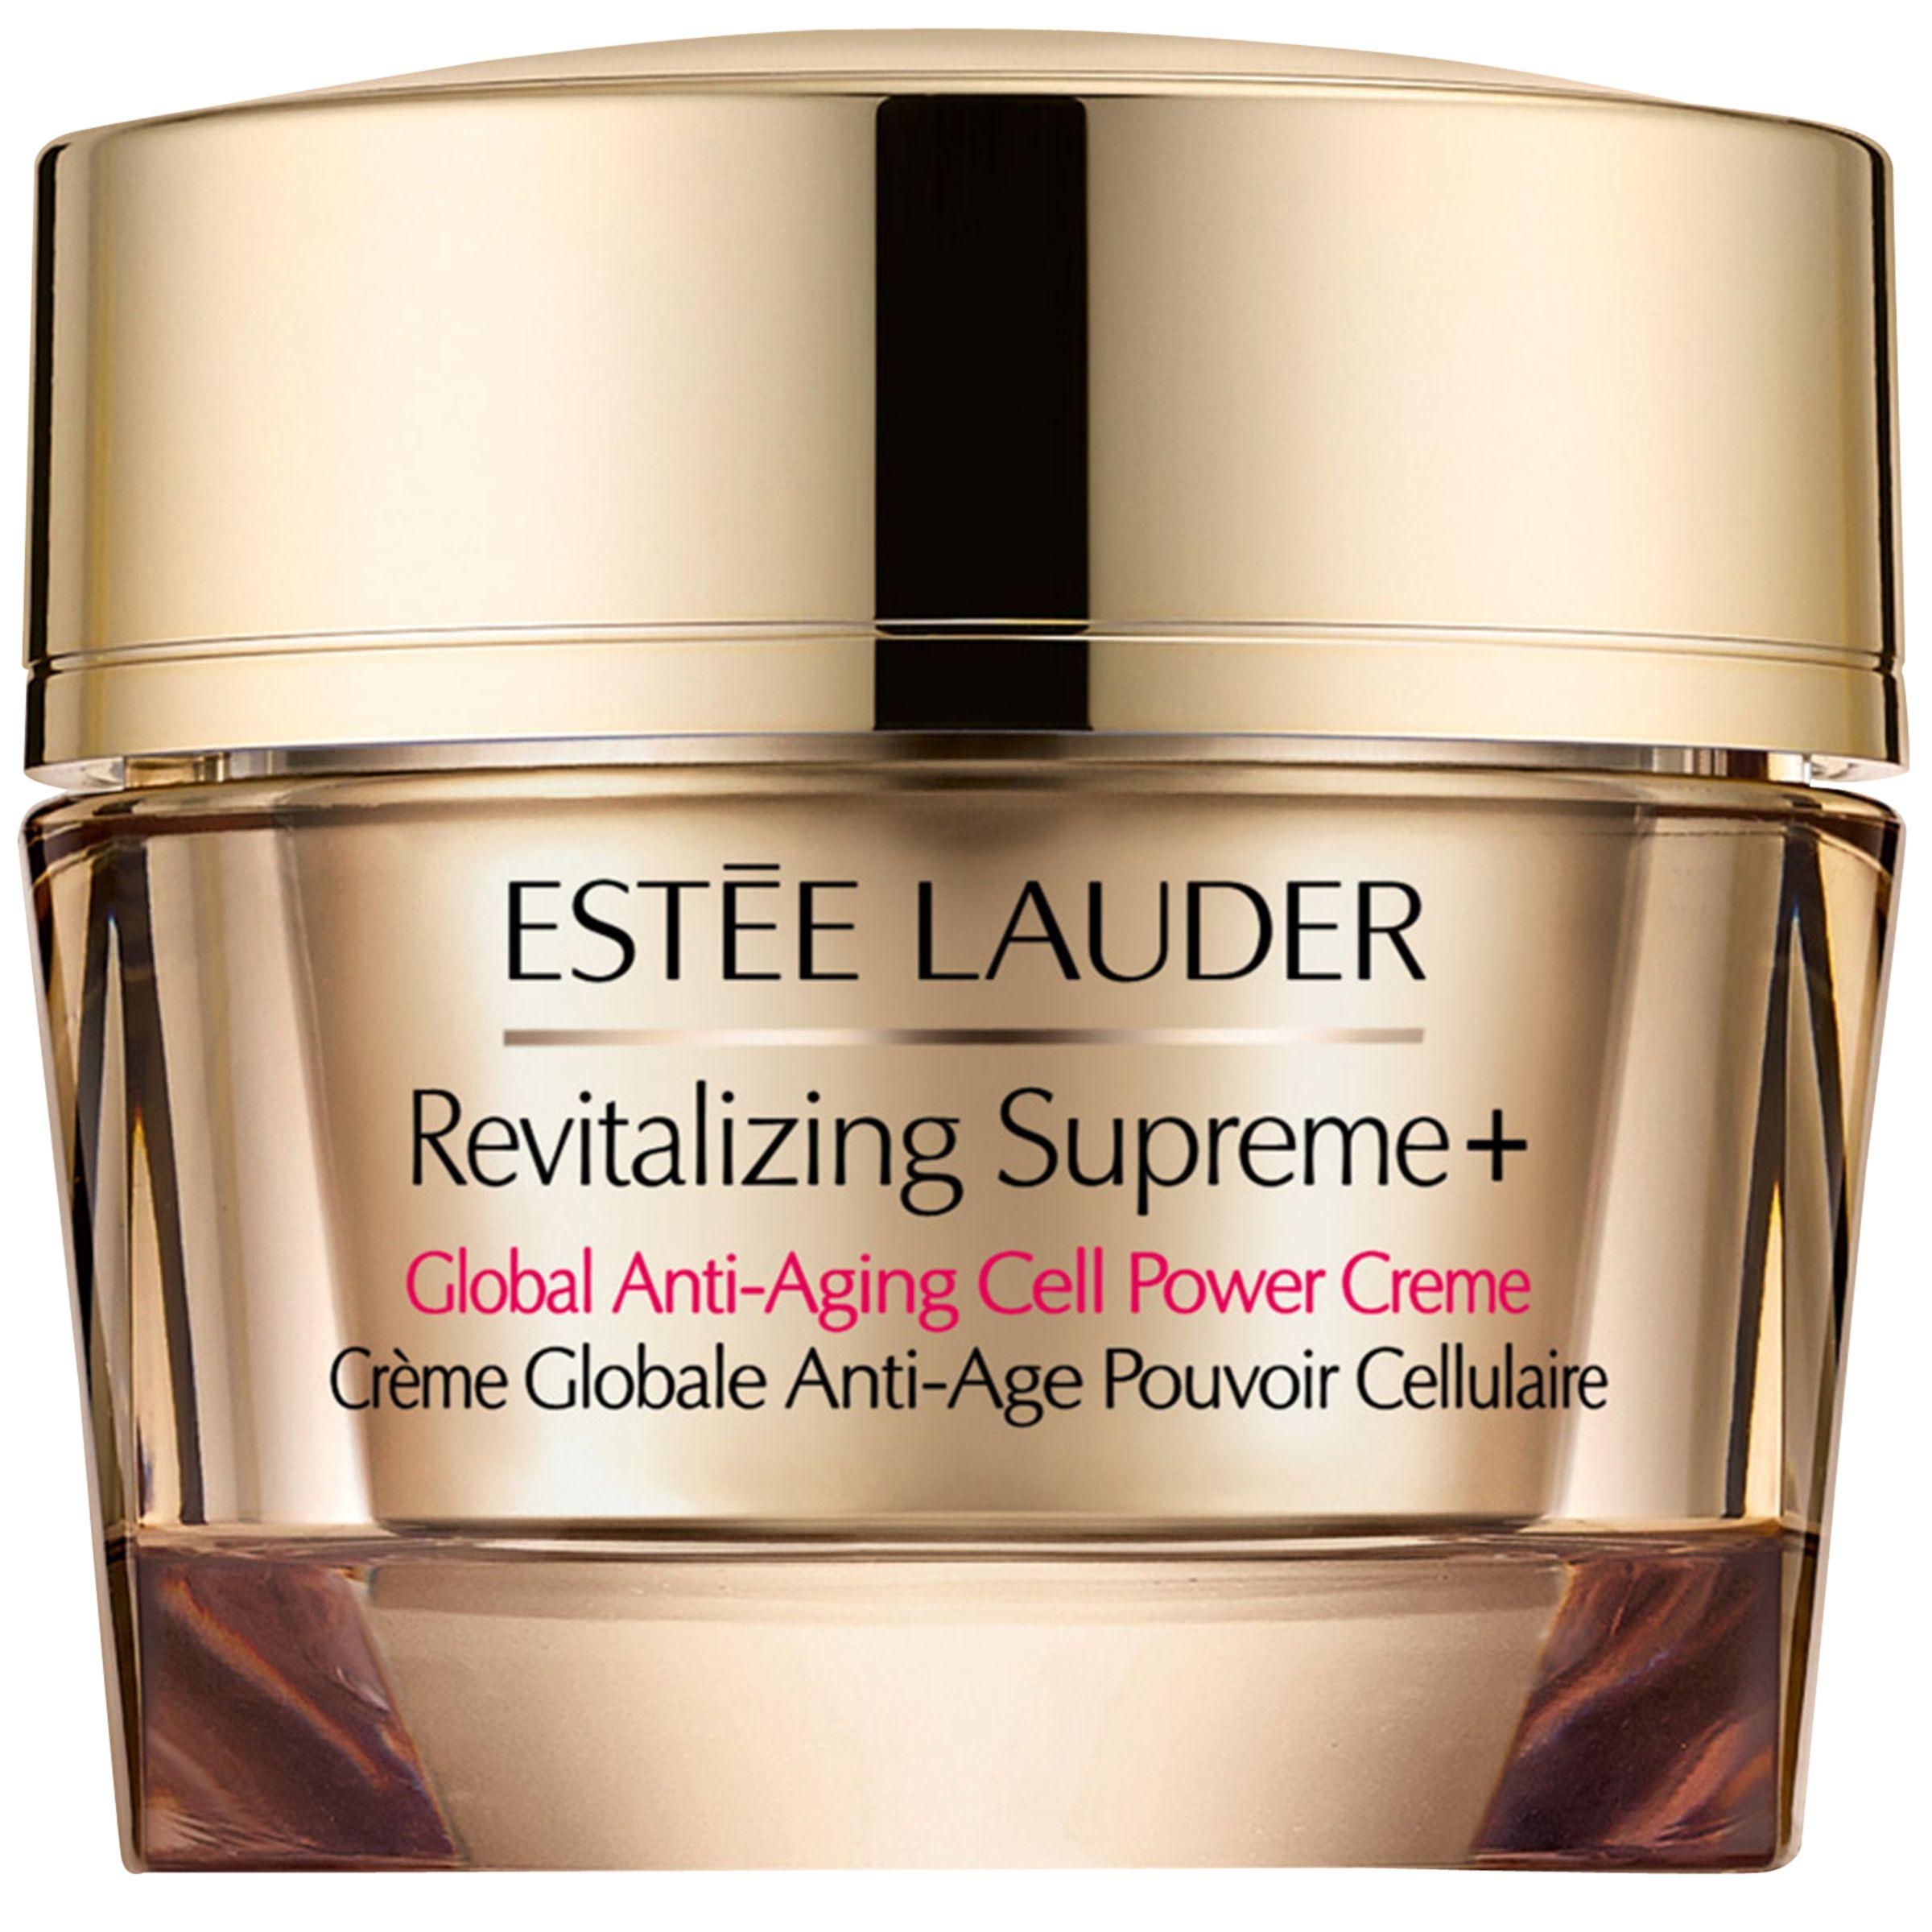 Estee Lauder Estée Lauder Revitalizing Supreme+ Global Anti-Ageing Cell Power Creme